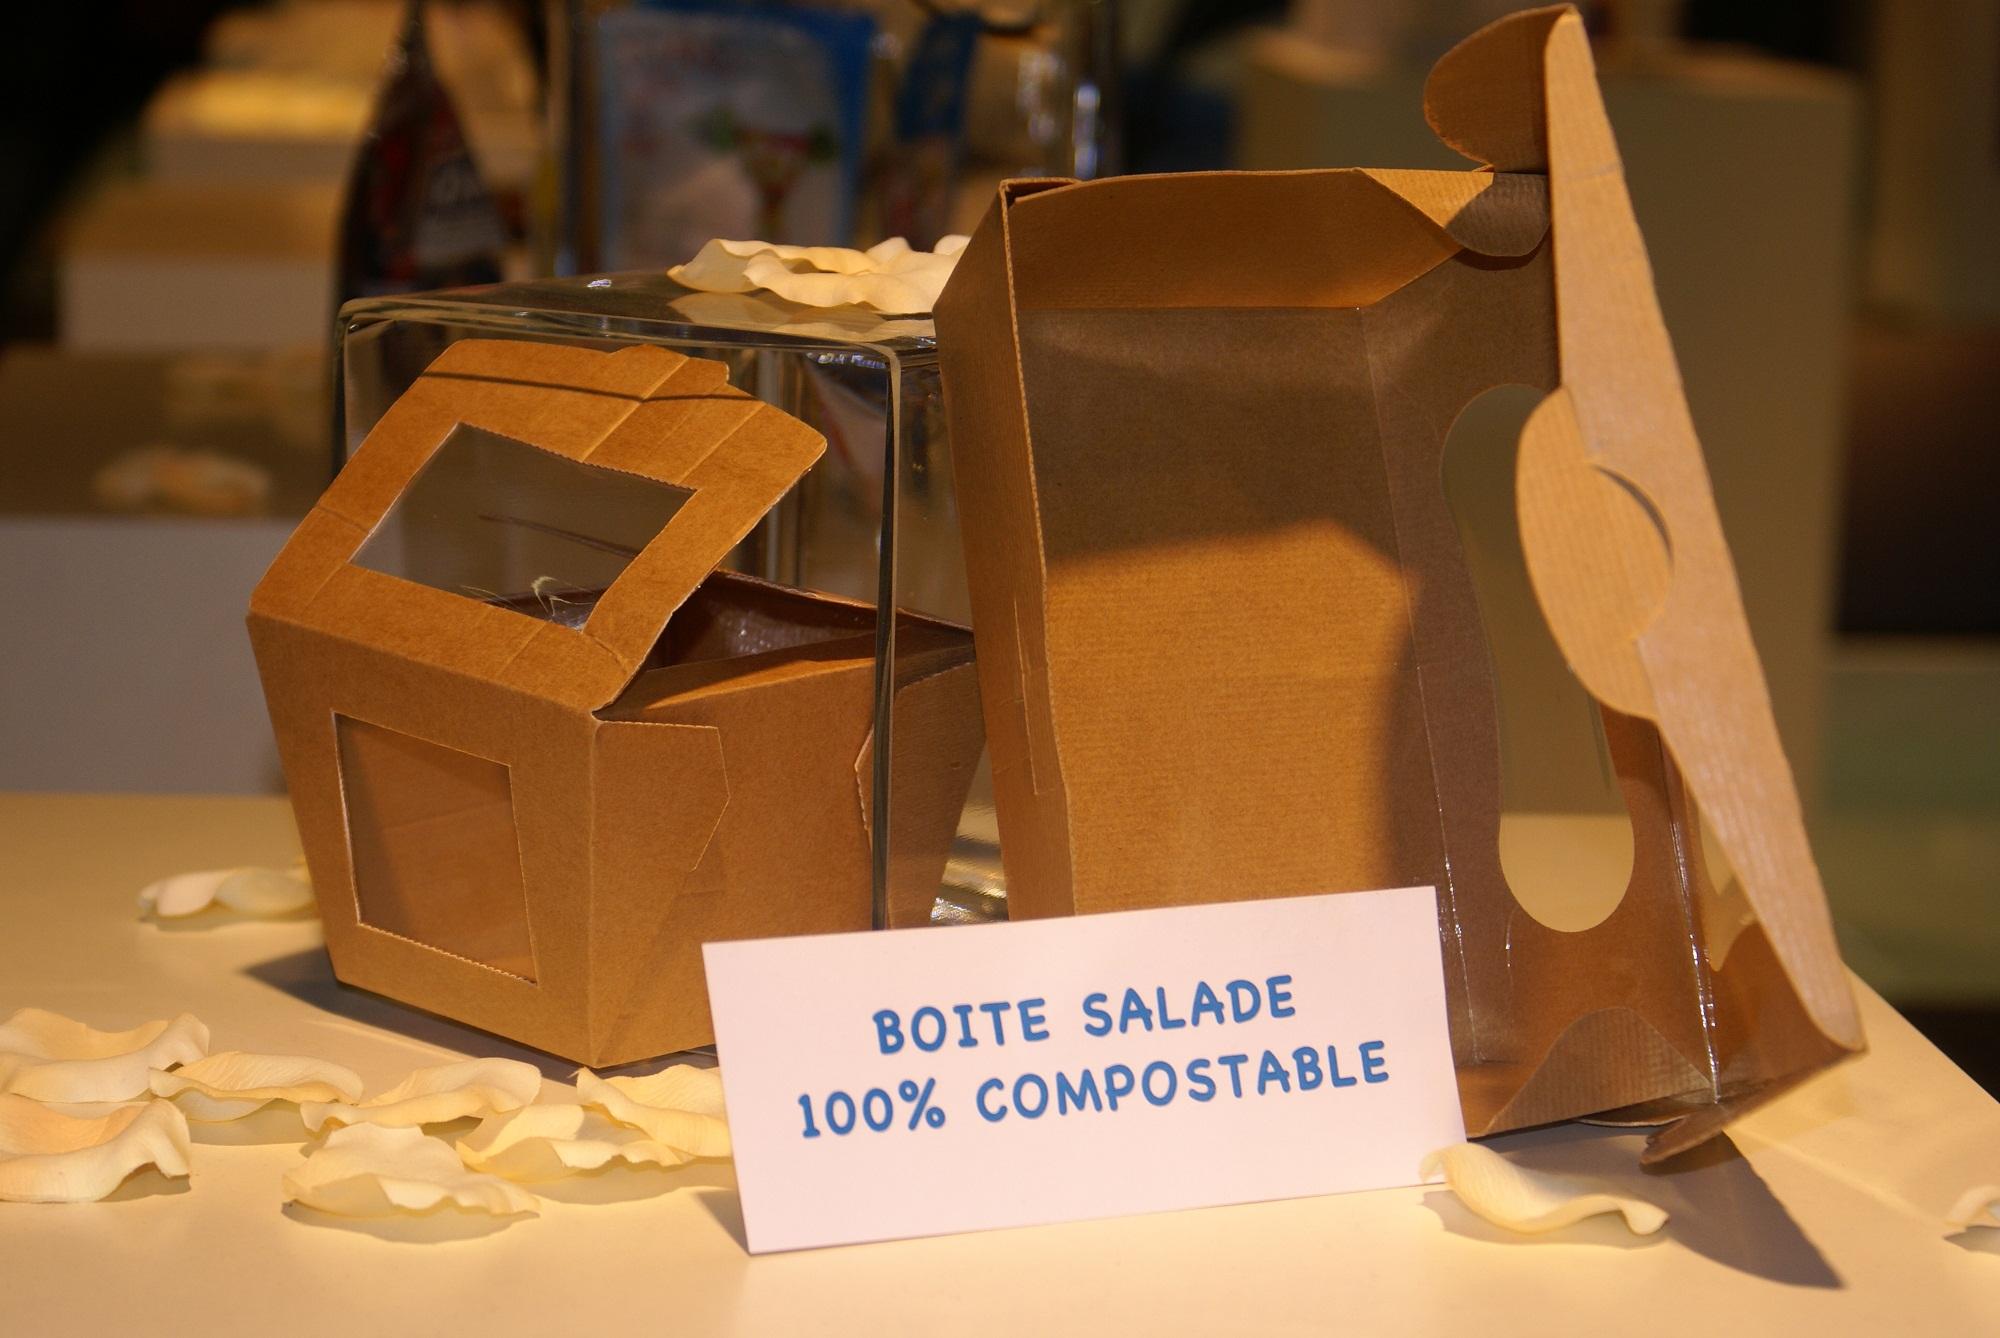 Les emballages composites continuent leur percée dans l'agroalimentaire.